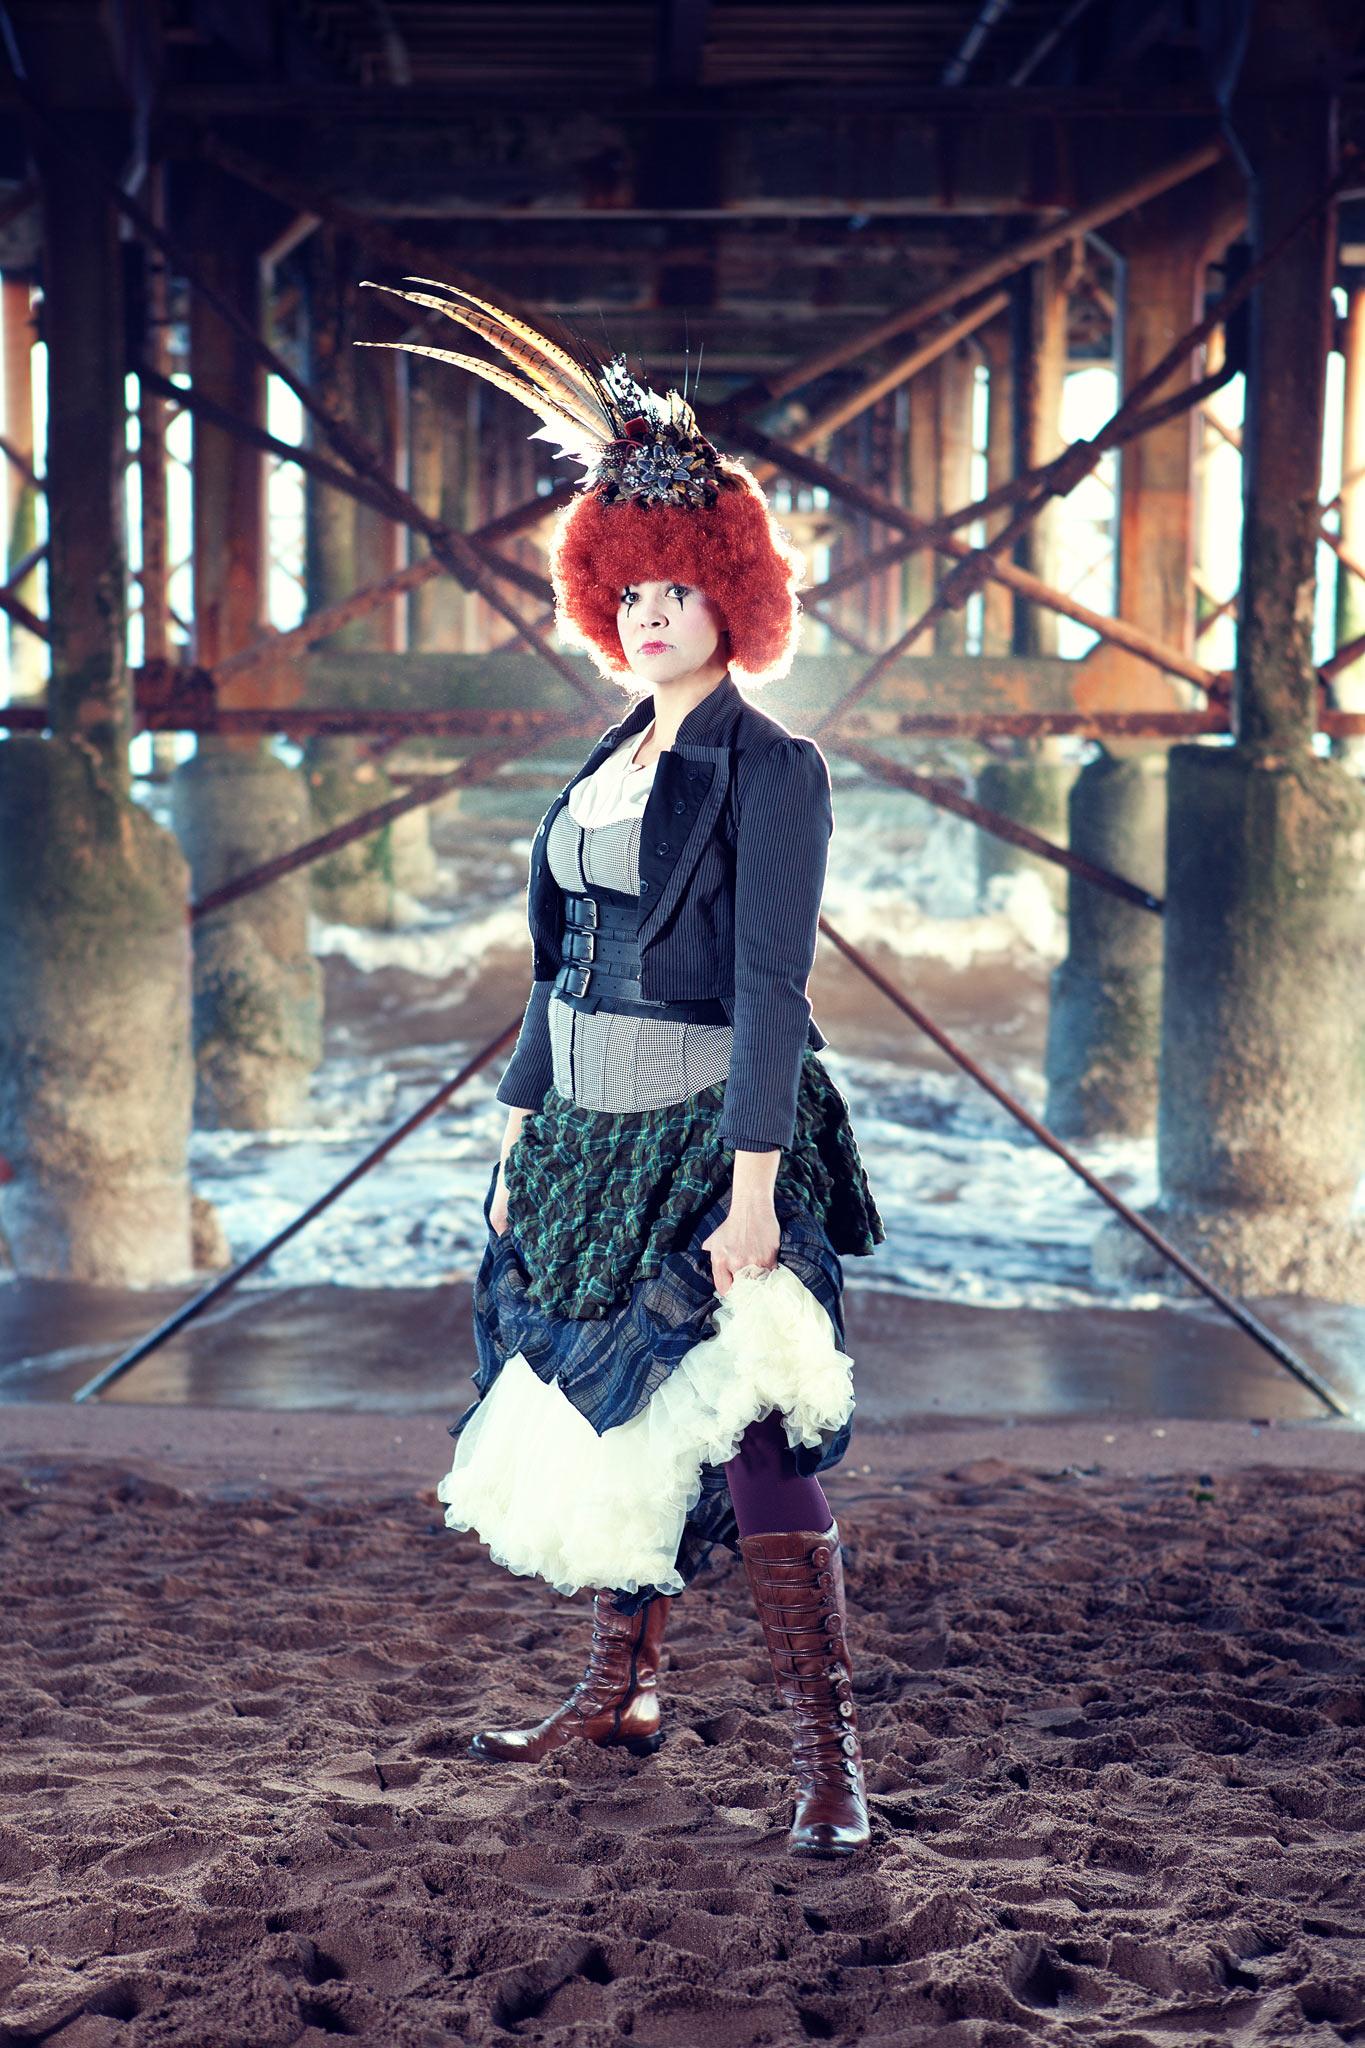 Toby Lowe Photography Nicole Wakeling